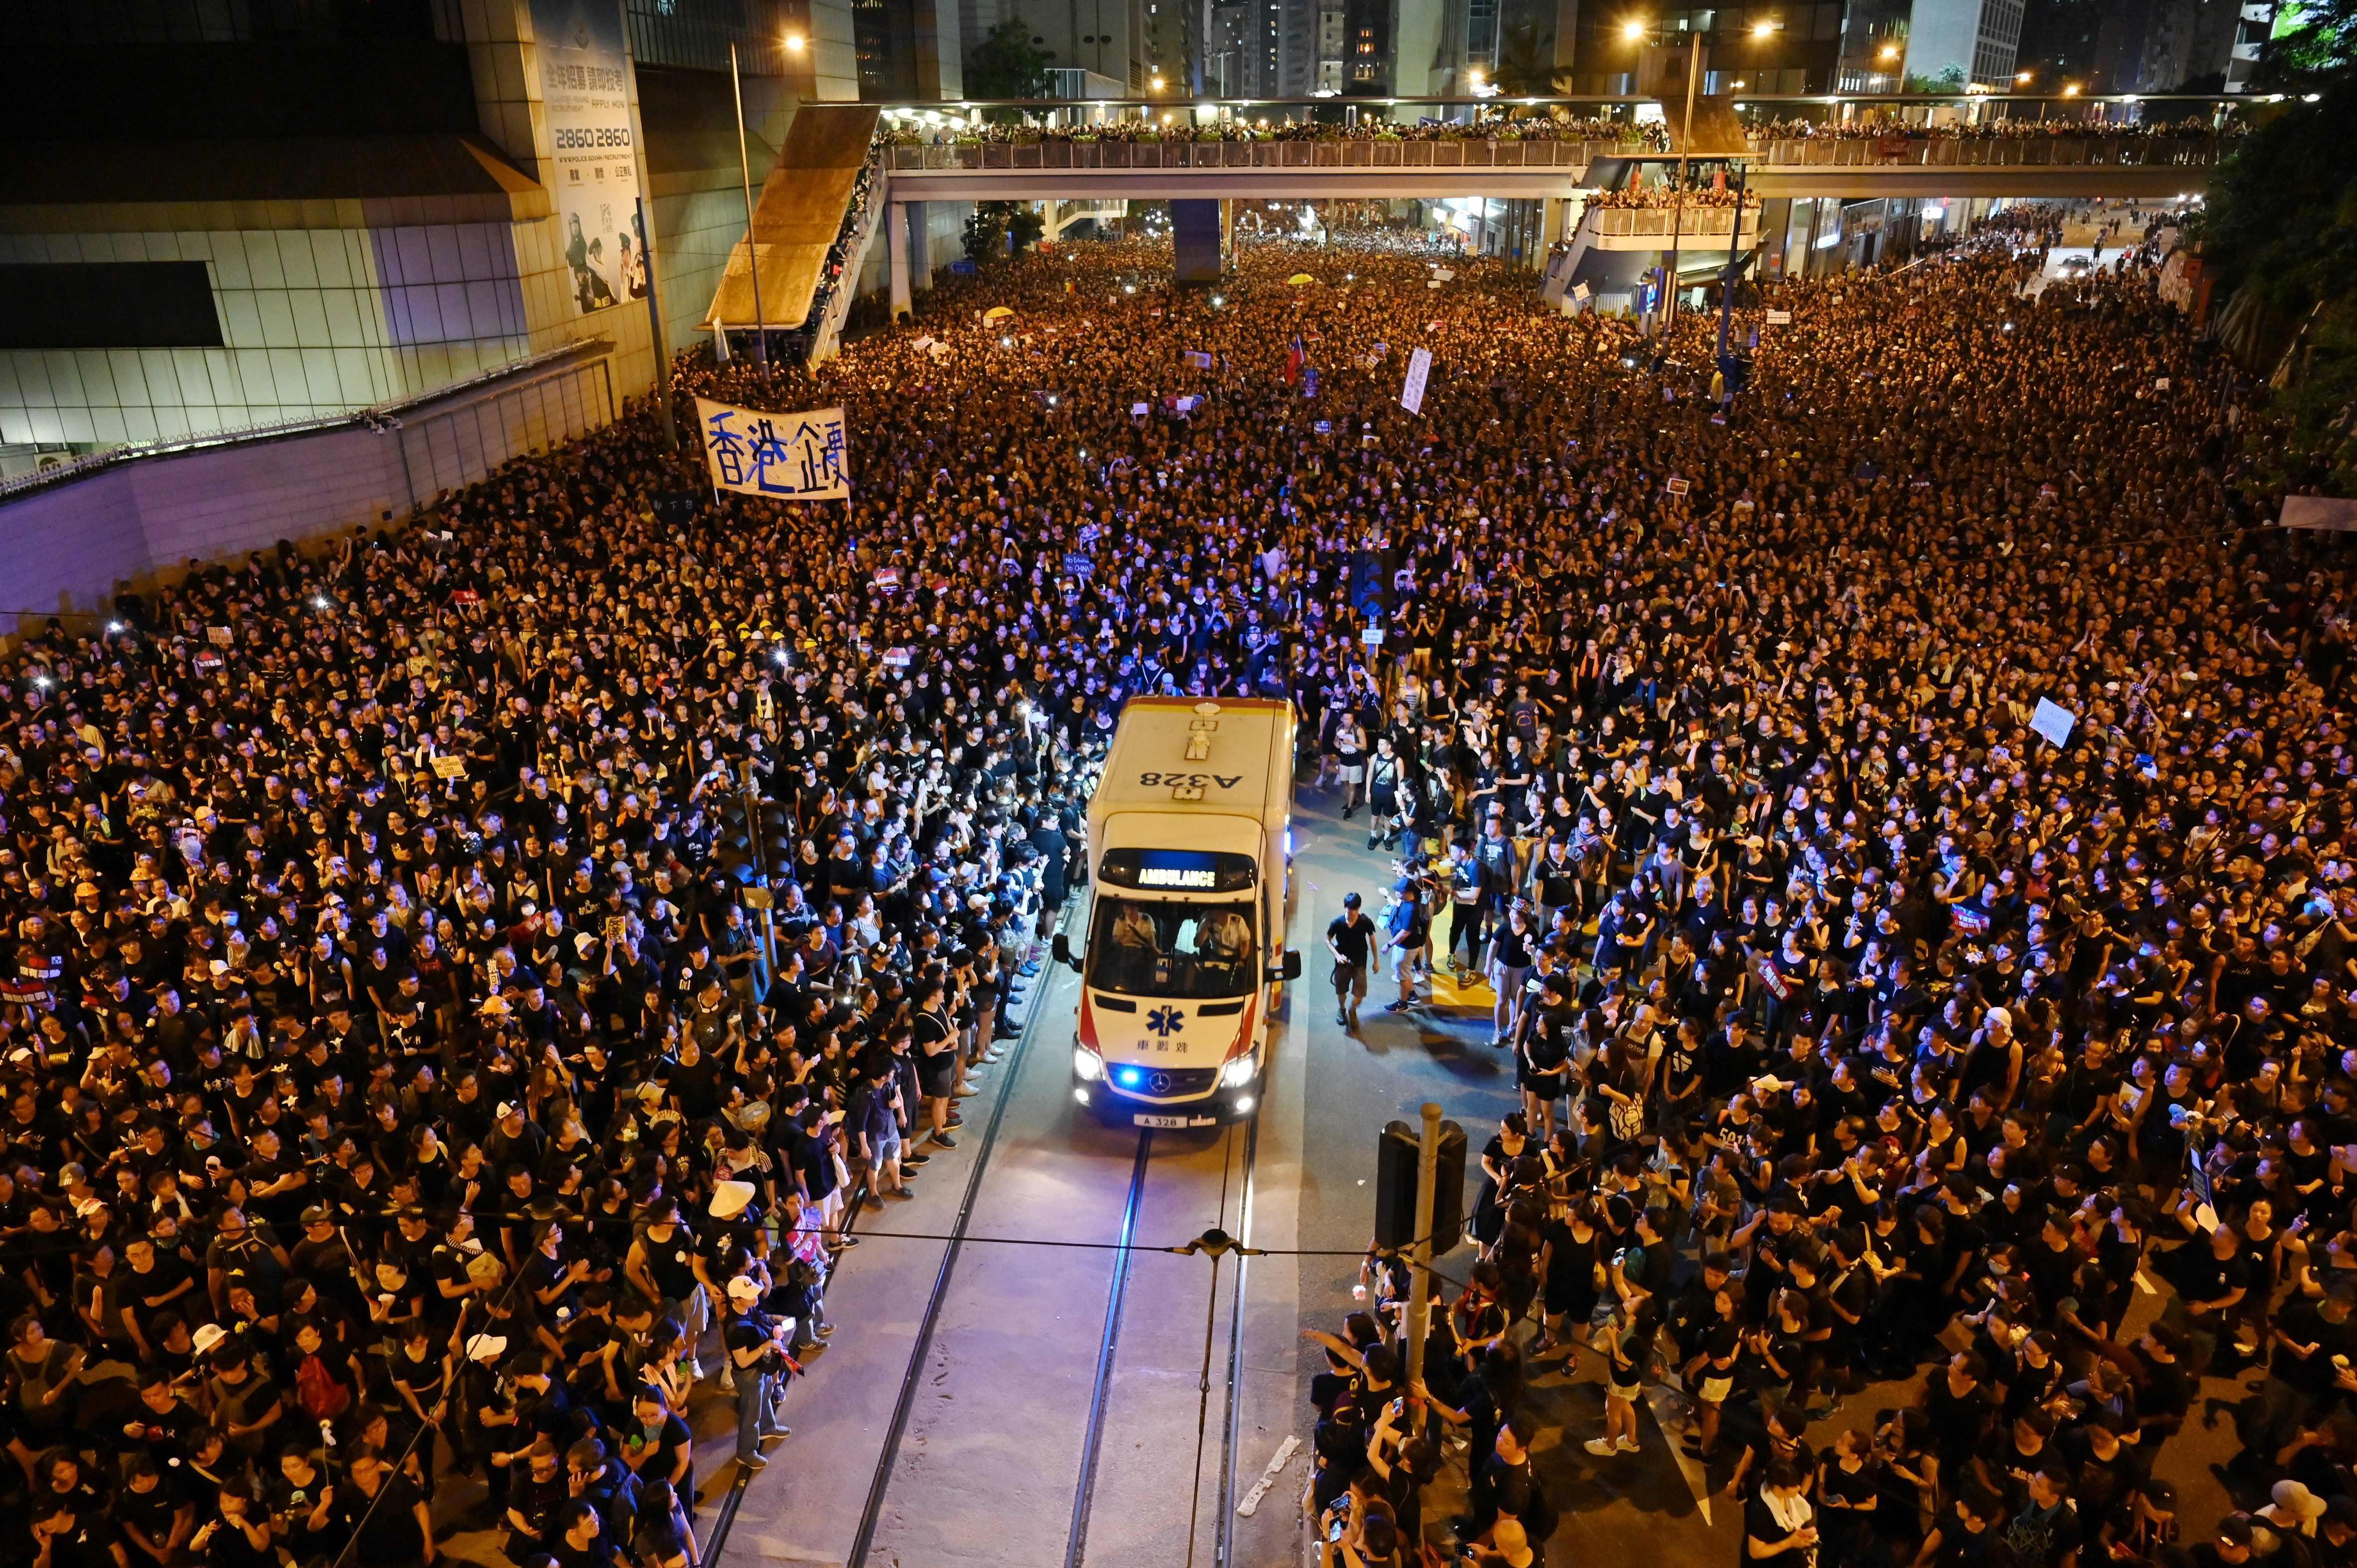 홍콩 시위대 클래스…구급차 출동하자 모세의 기적처럼